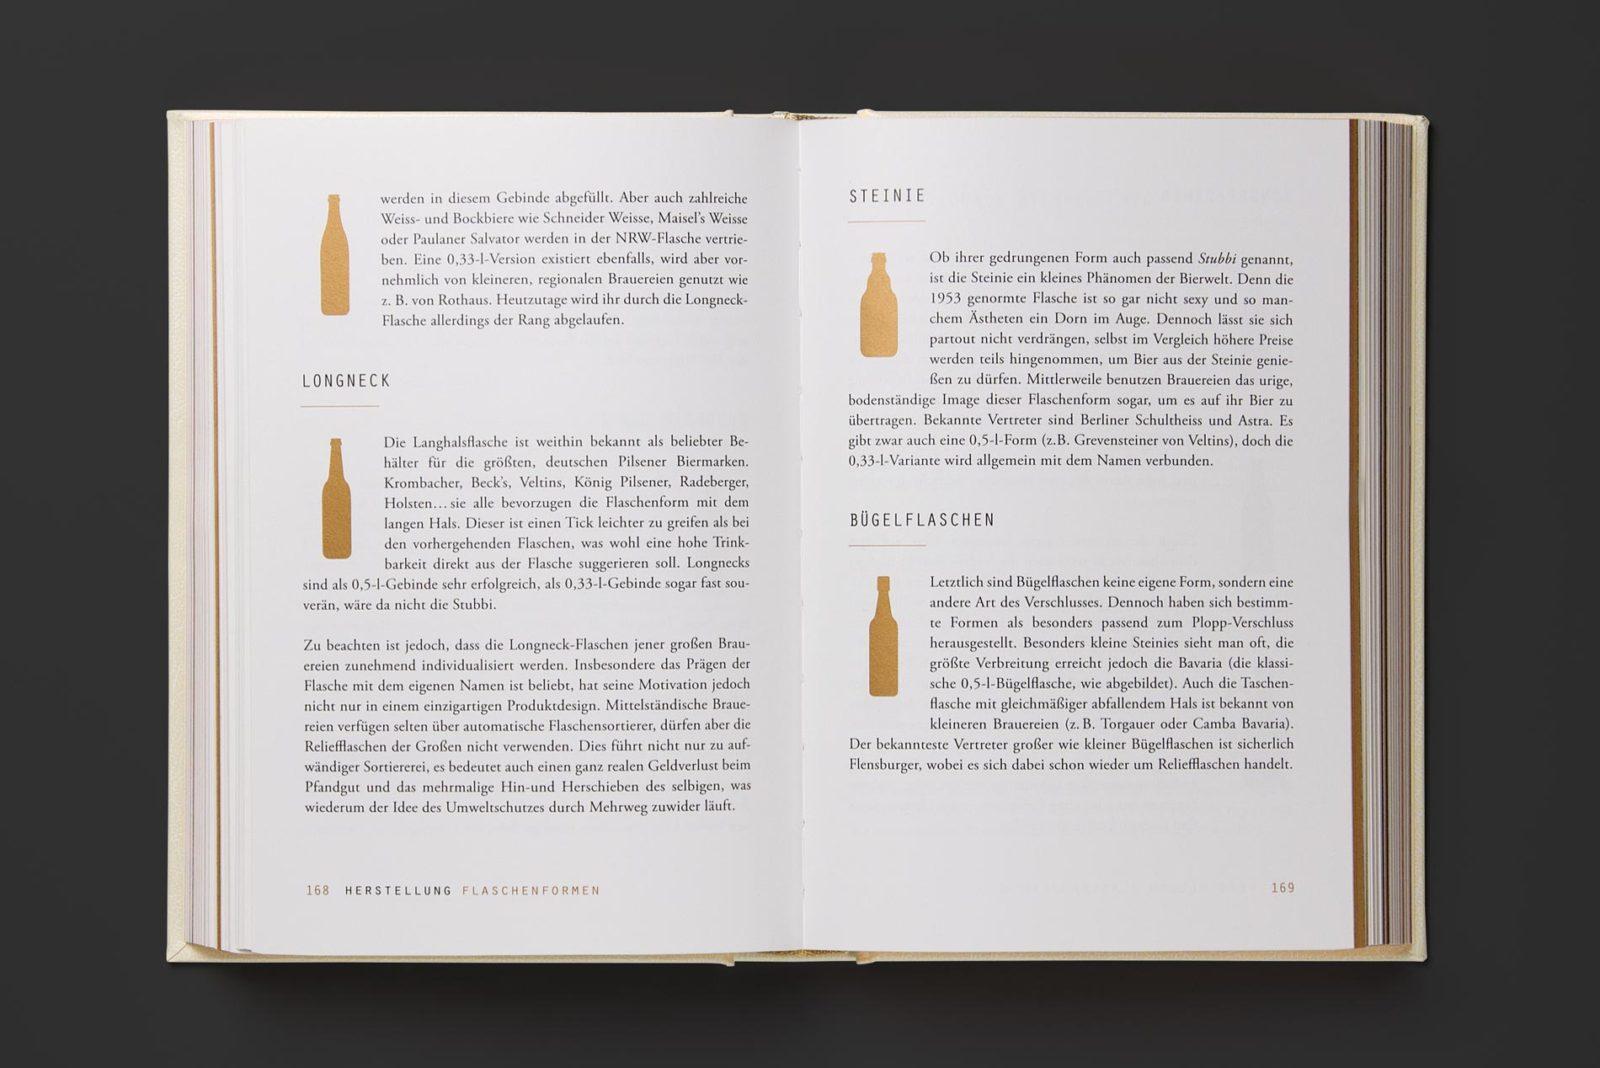 Editienne Grafikdesign - Kommunikationsdesign Berlin- Buchgestaltung Cocktailian 3- Bier&Craft 43